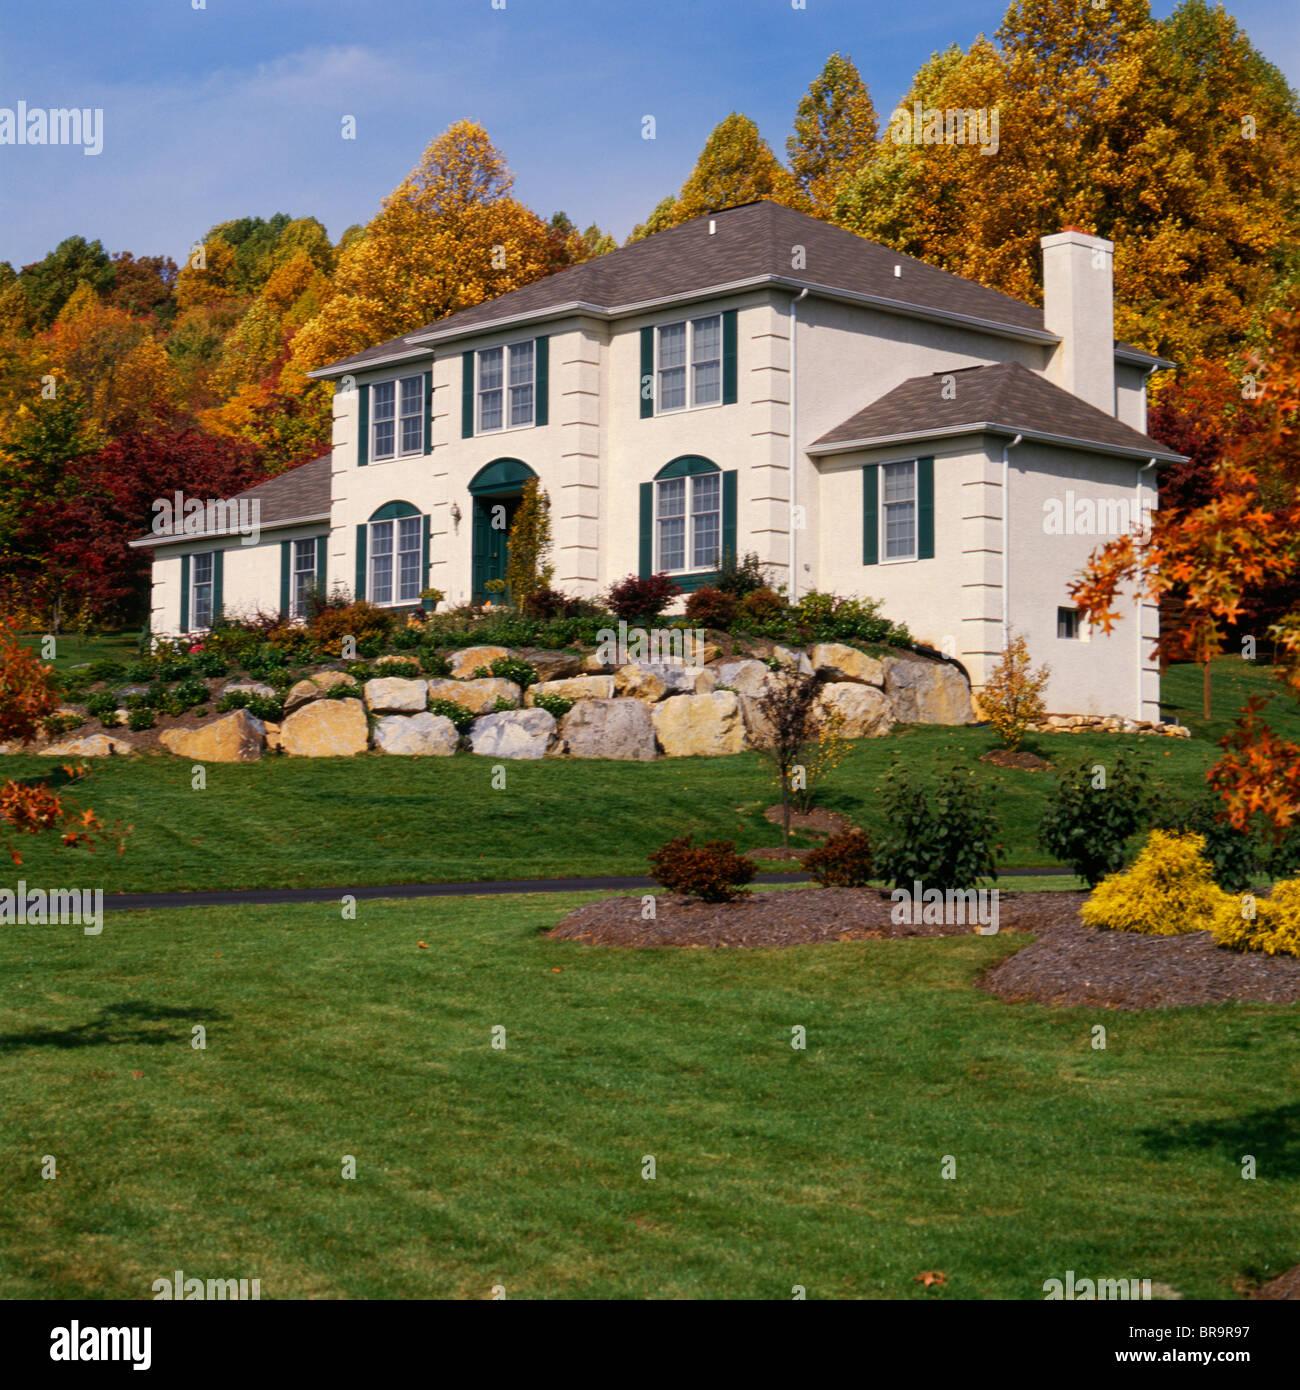 Maison Blanche Et Grise maison blanche avec des volets gris et mur de pierre dans la